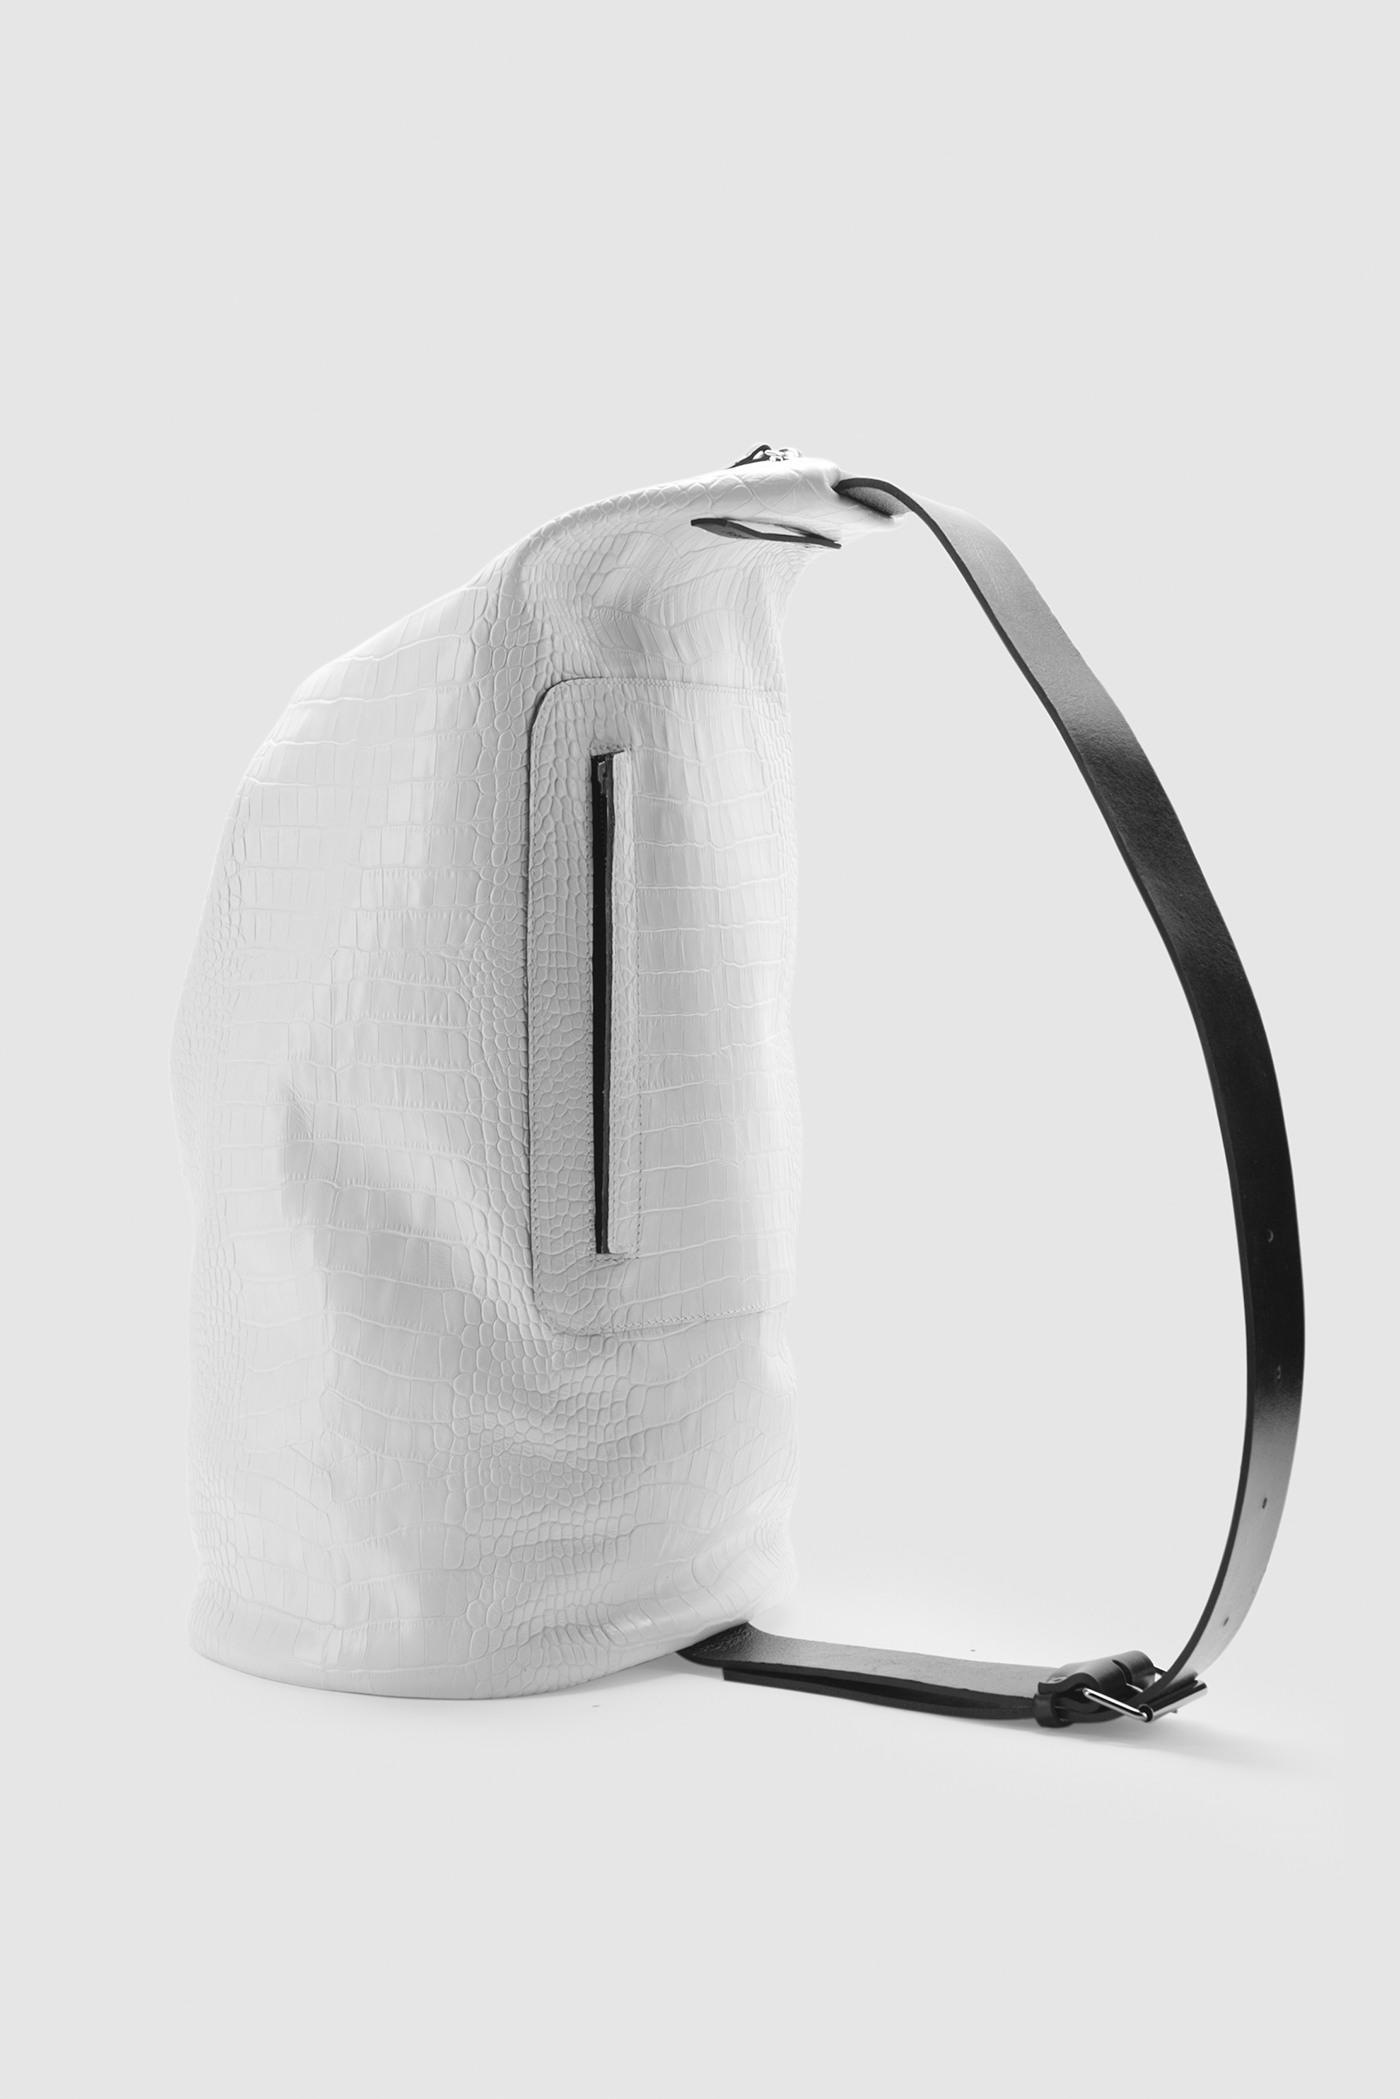 Сумка - РюкзакБольшая сумка-капсула на молнии&#13;<br>&#13;<br>&#13;<br>молния открывается с двух сторон&#13;<br>&#13;<br>ремешок регулируется по длине&#13;<br>&#13;<br>снаружи карман-отделение на молнии&#13;<br>&#13;<br>внутри карман на кнопке&#13;<br>&#13;<br>ремешок на пряжке&#13;<br>&#13;<br>высота: 55 см, диаметр овала дна: 27х22 см&#13;<br>&#13;<br>унисекс<br><br>Цвет: Белый крокодил, Чёрный крокодил